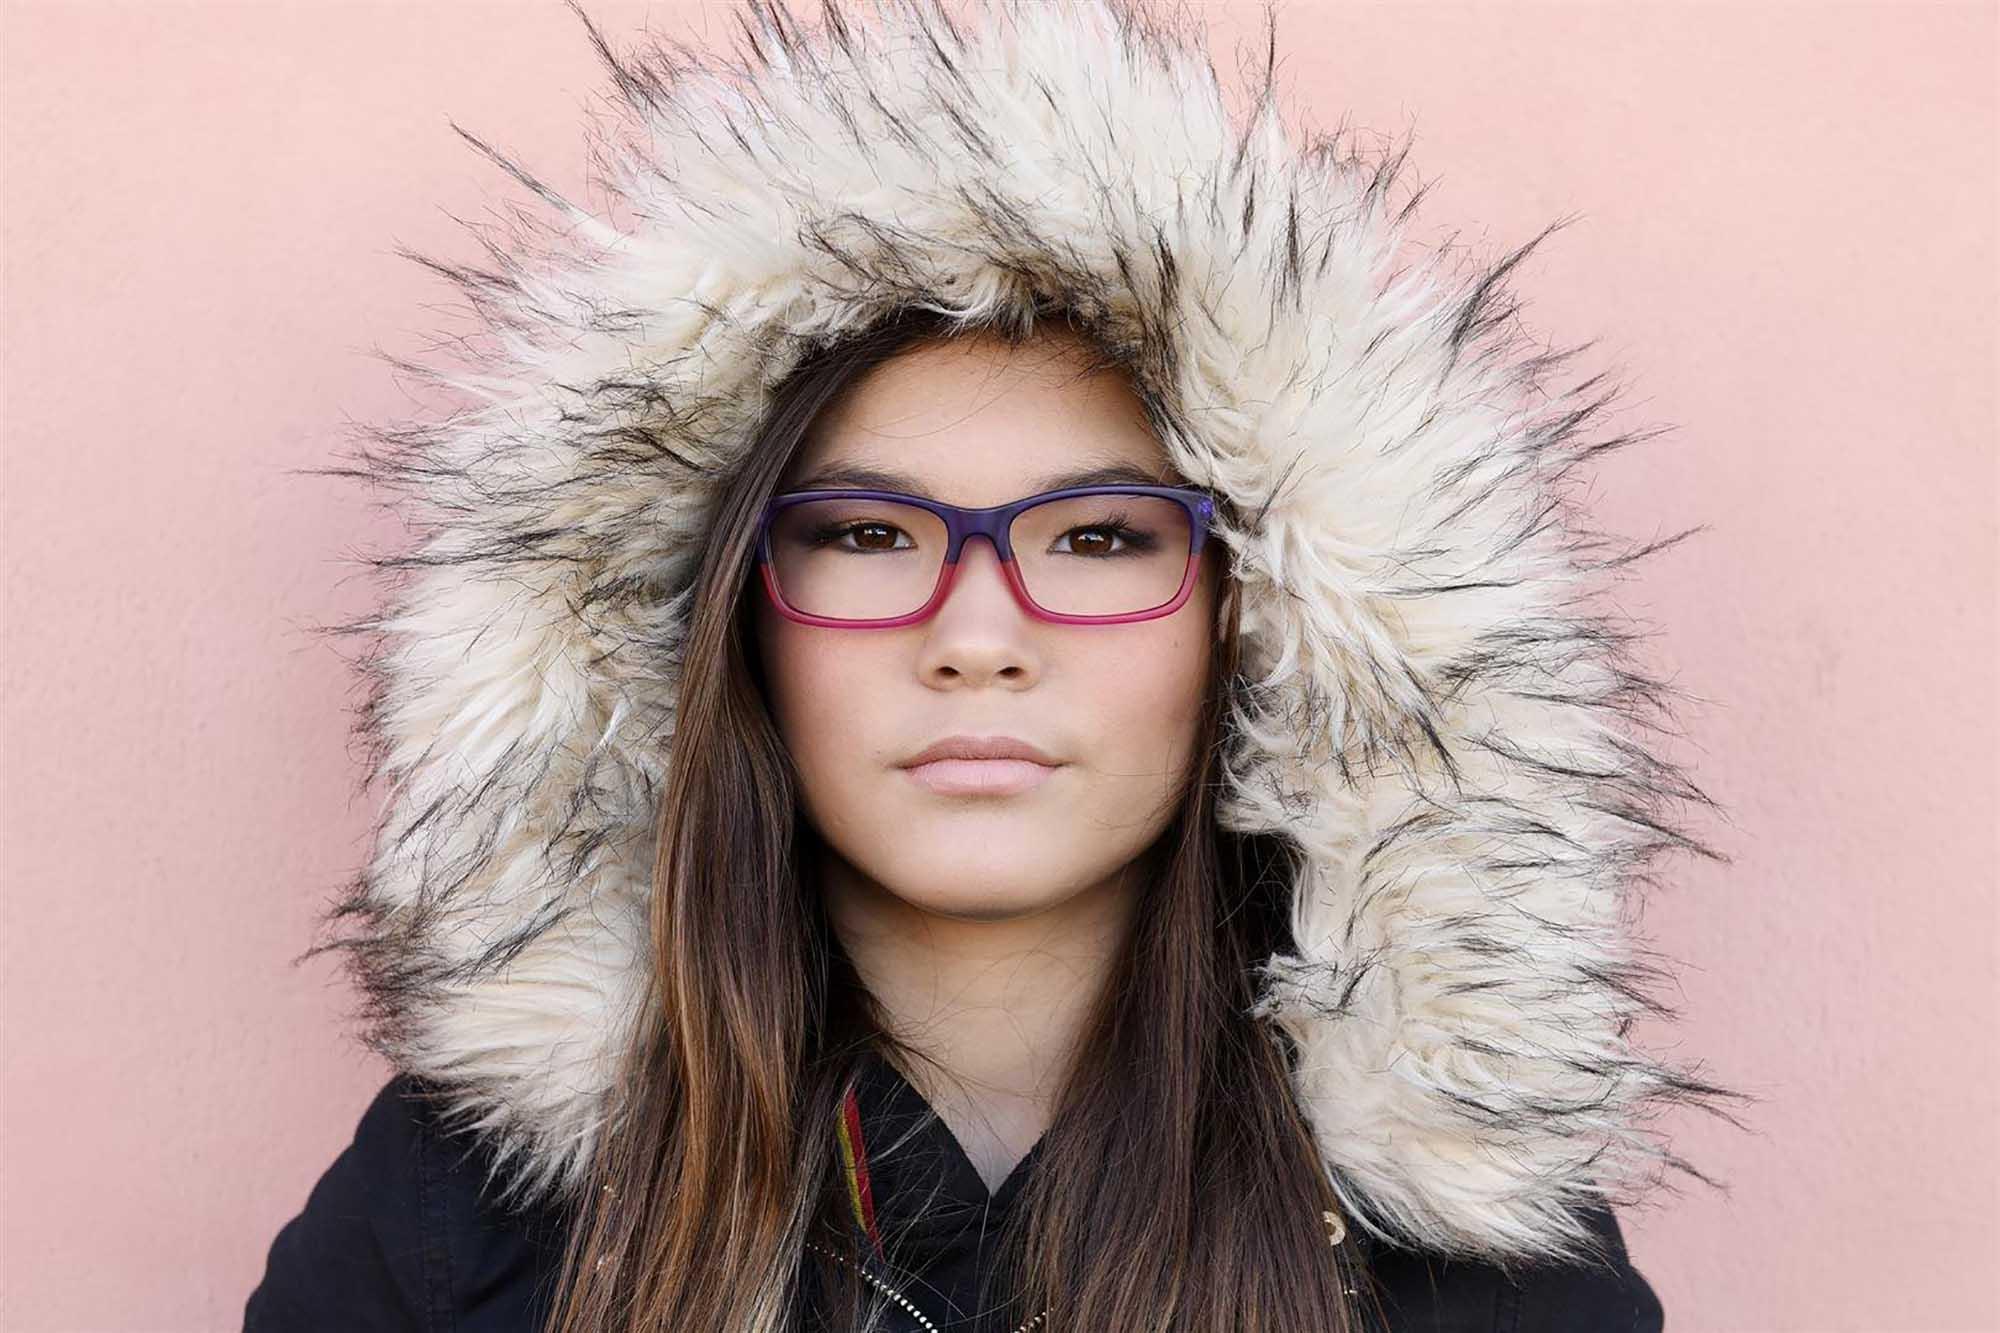 רונית פירסט, משקפיים, מגזין אופנה ישראלי - אופנה - 99